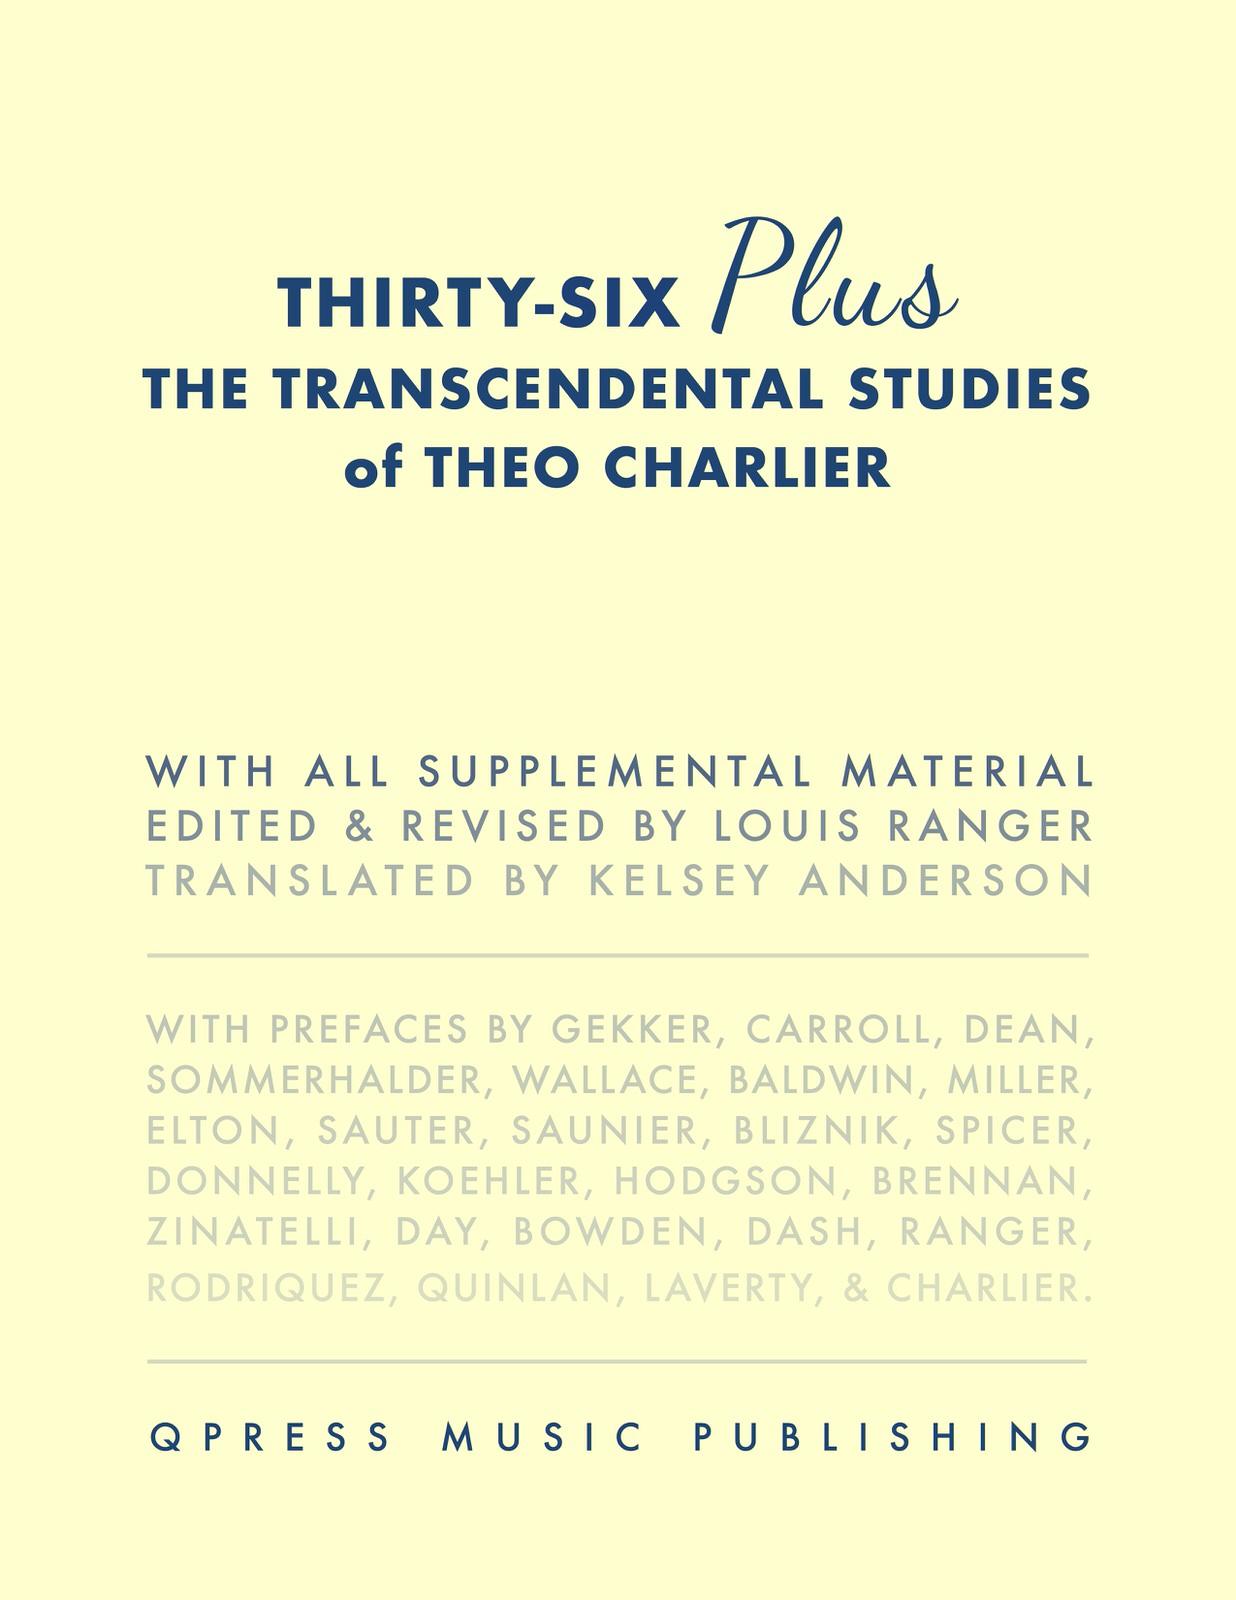 Charlier, 36 Transcendental Studies PLUS-p001